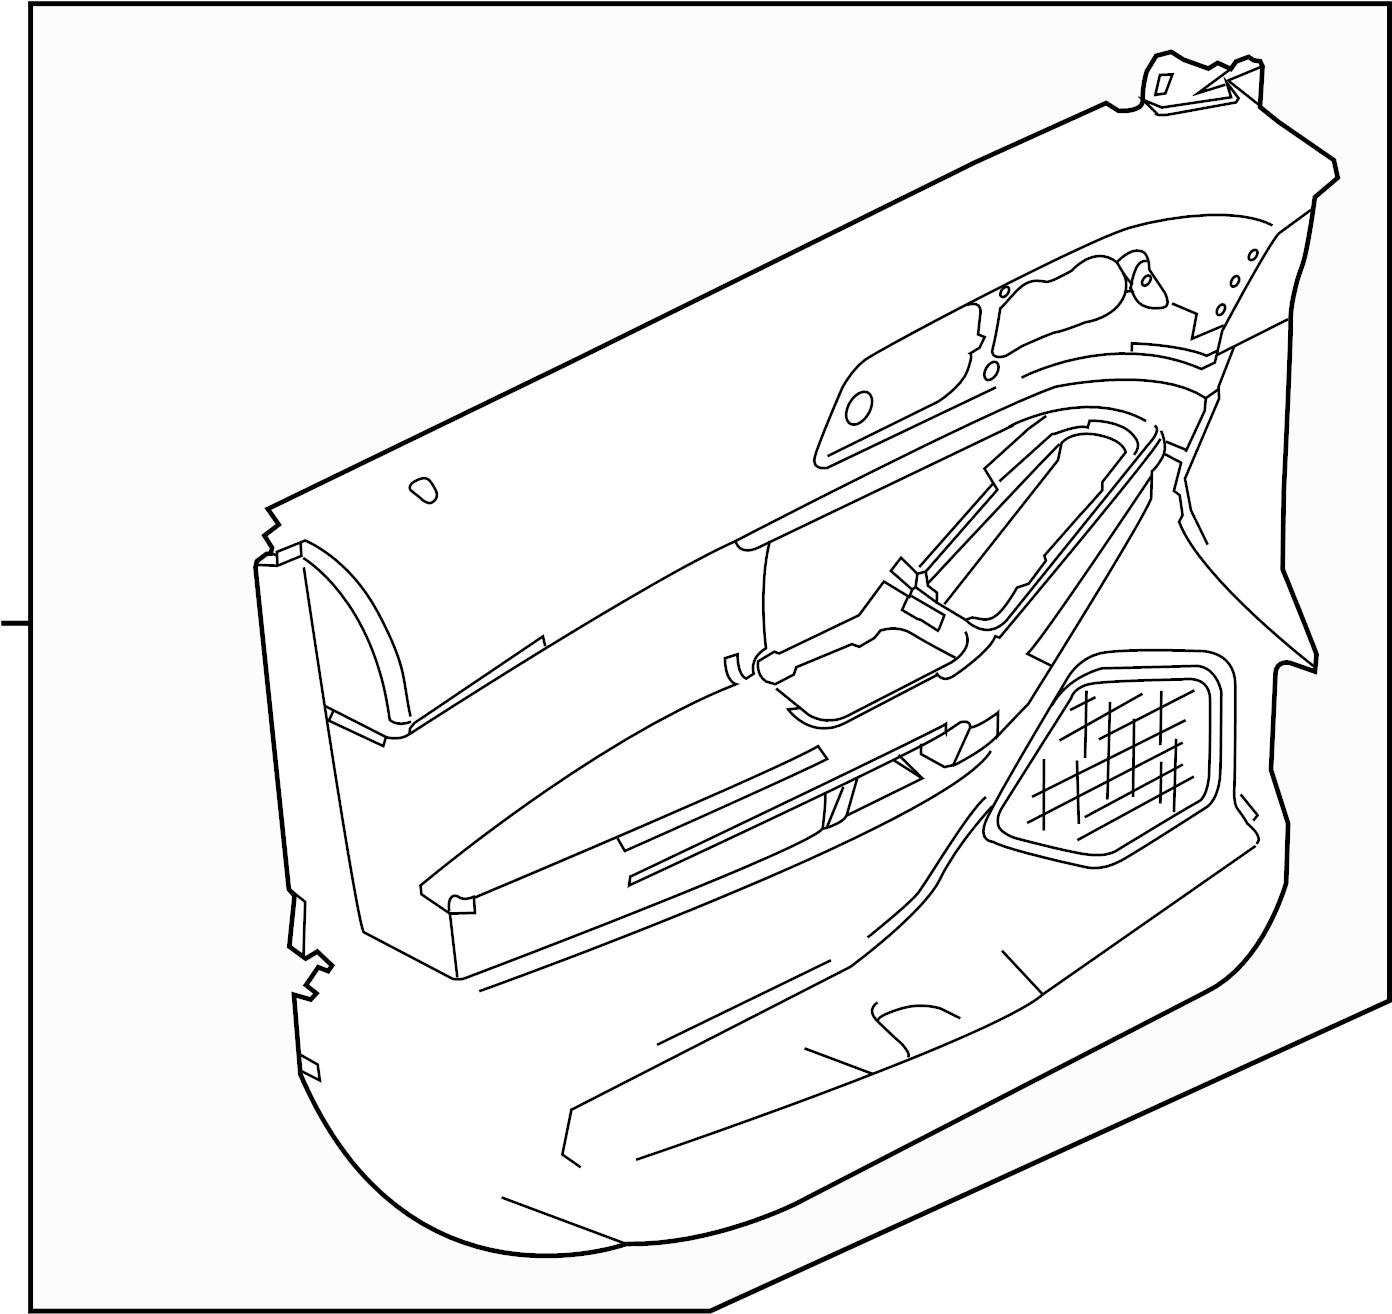 Ford Explorer Door Interior Trim Panel. Limited, stone